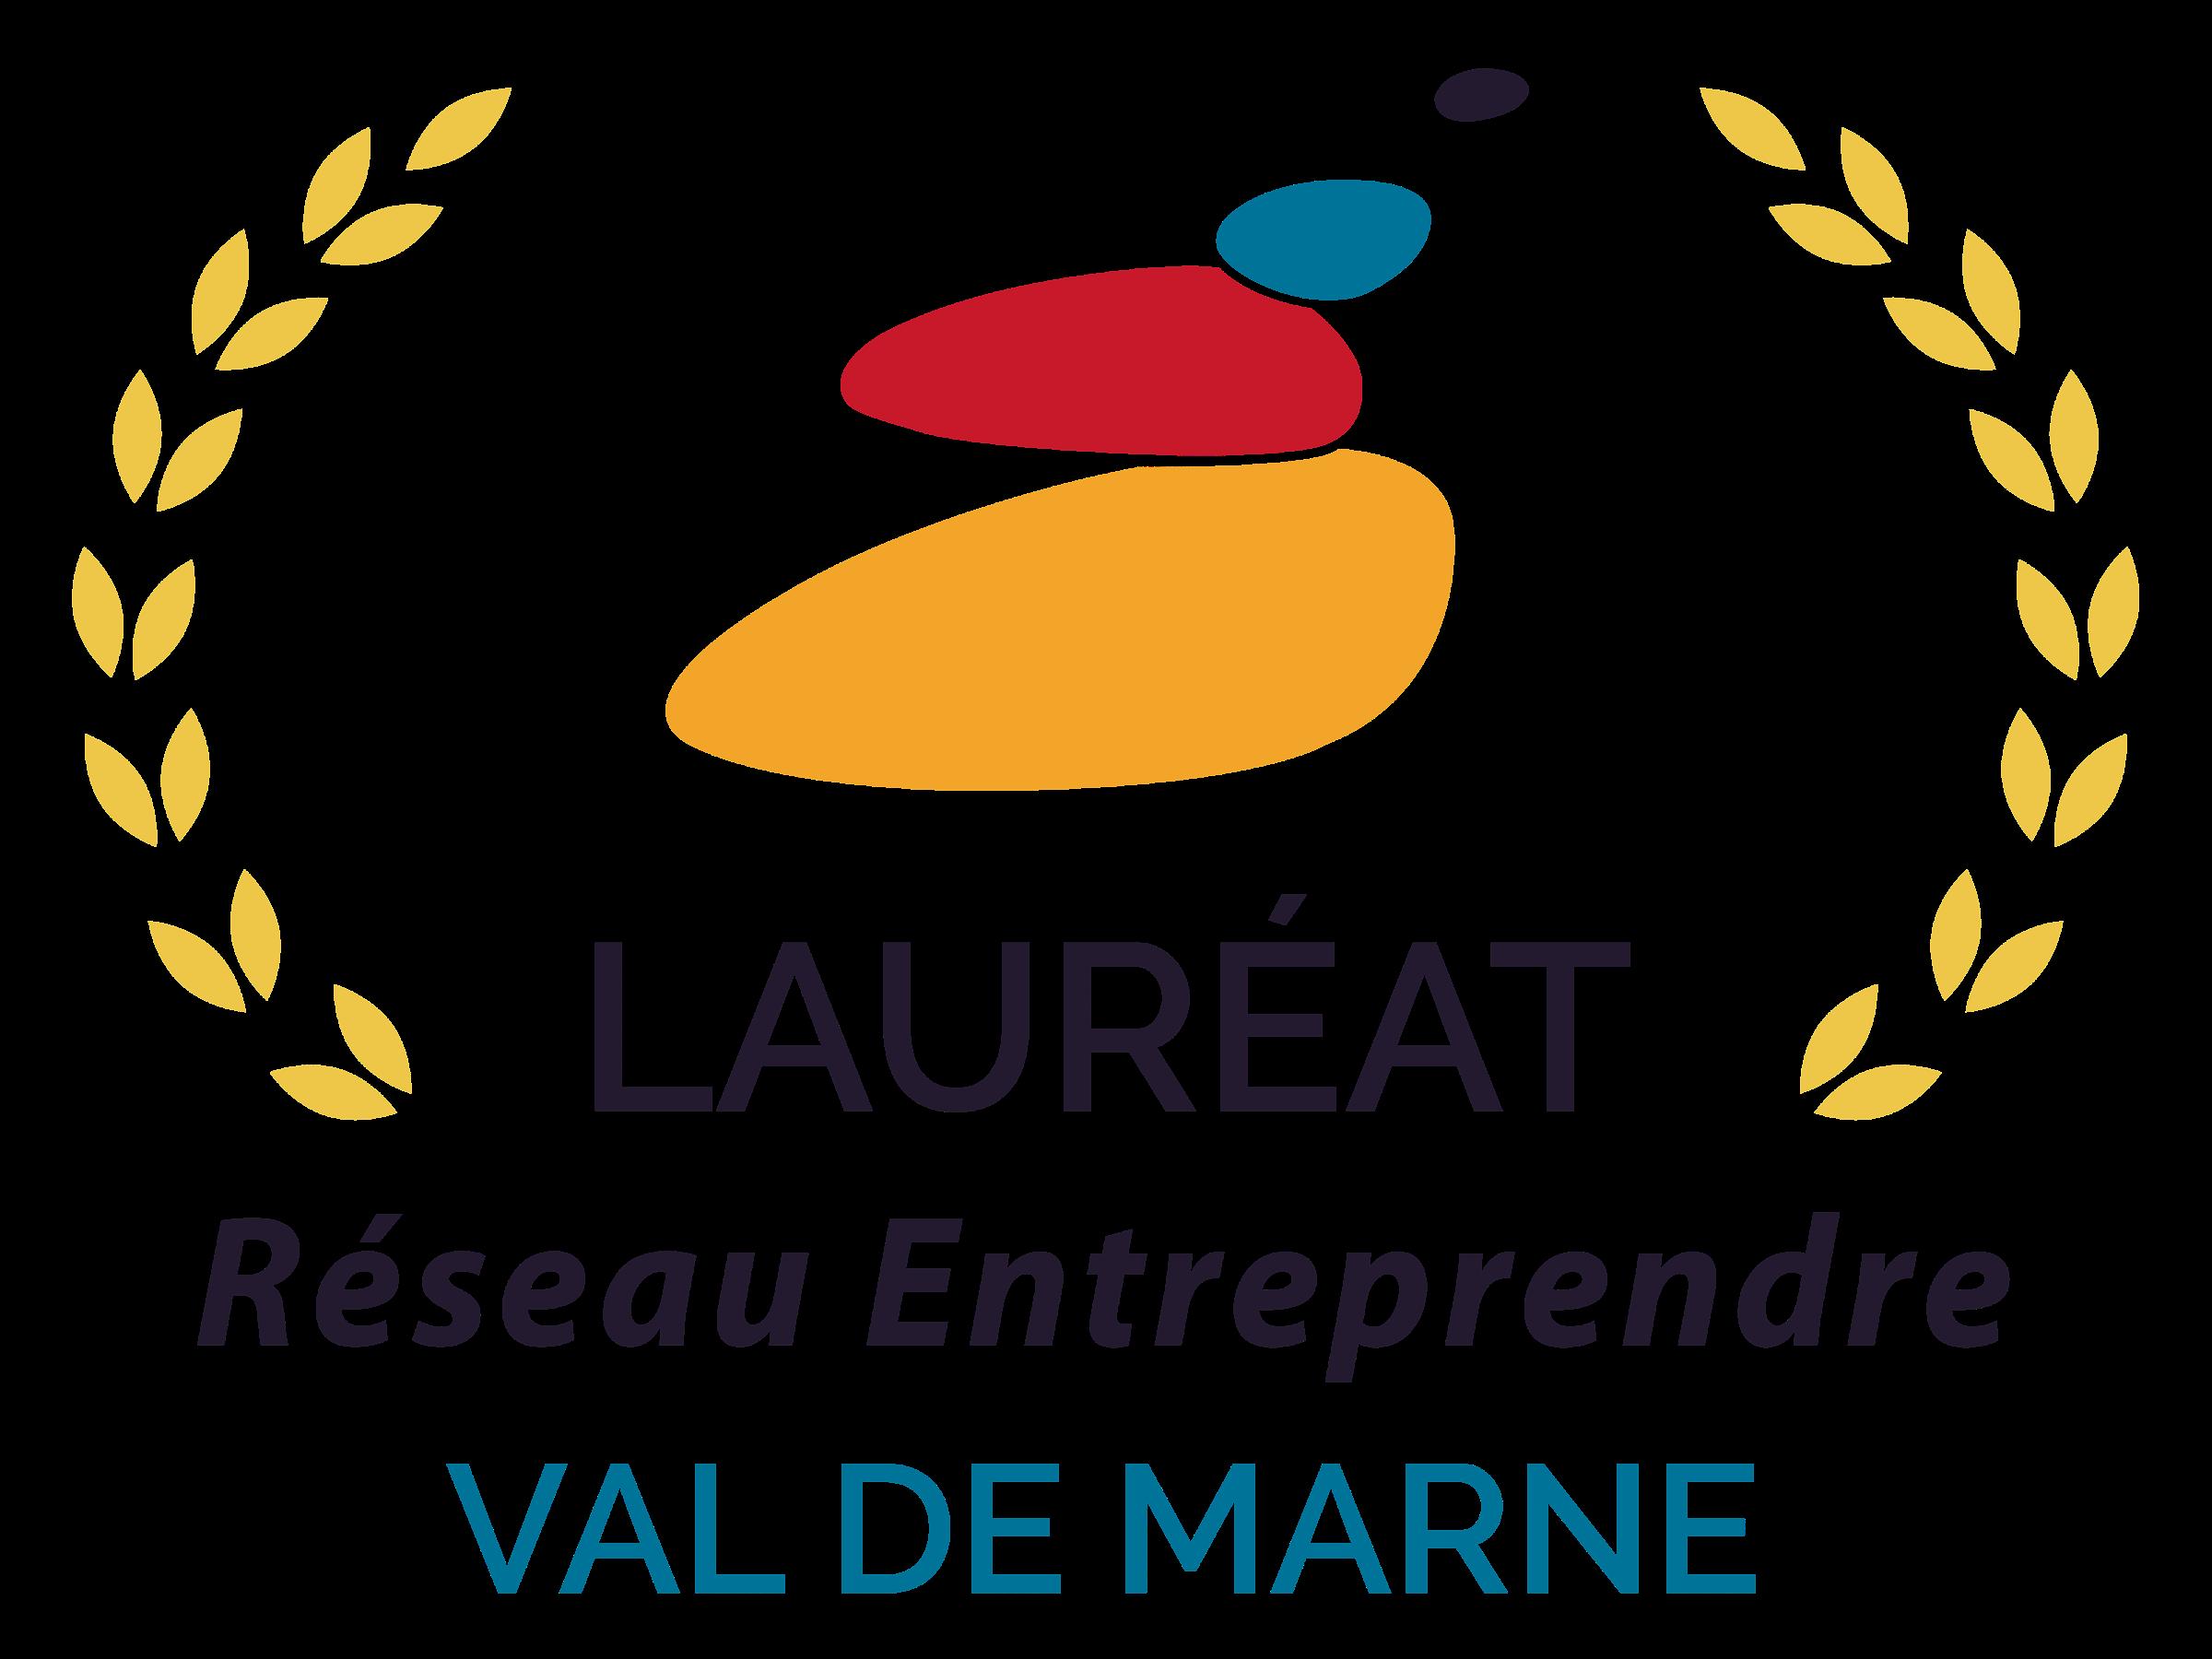 Réseau entreprendre Val de Marne